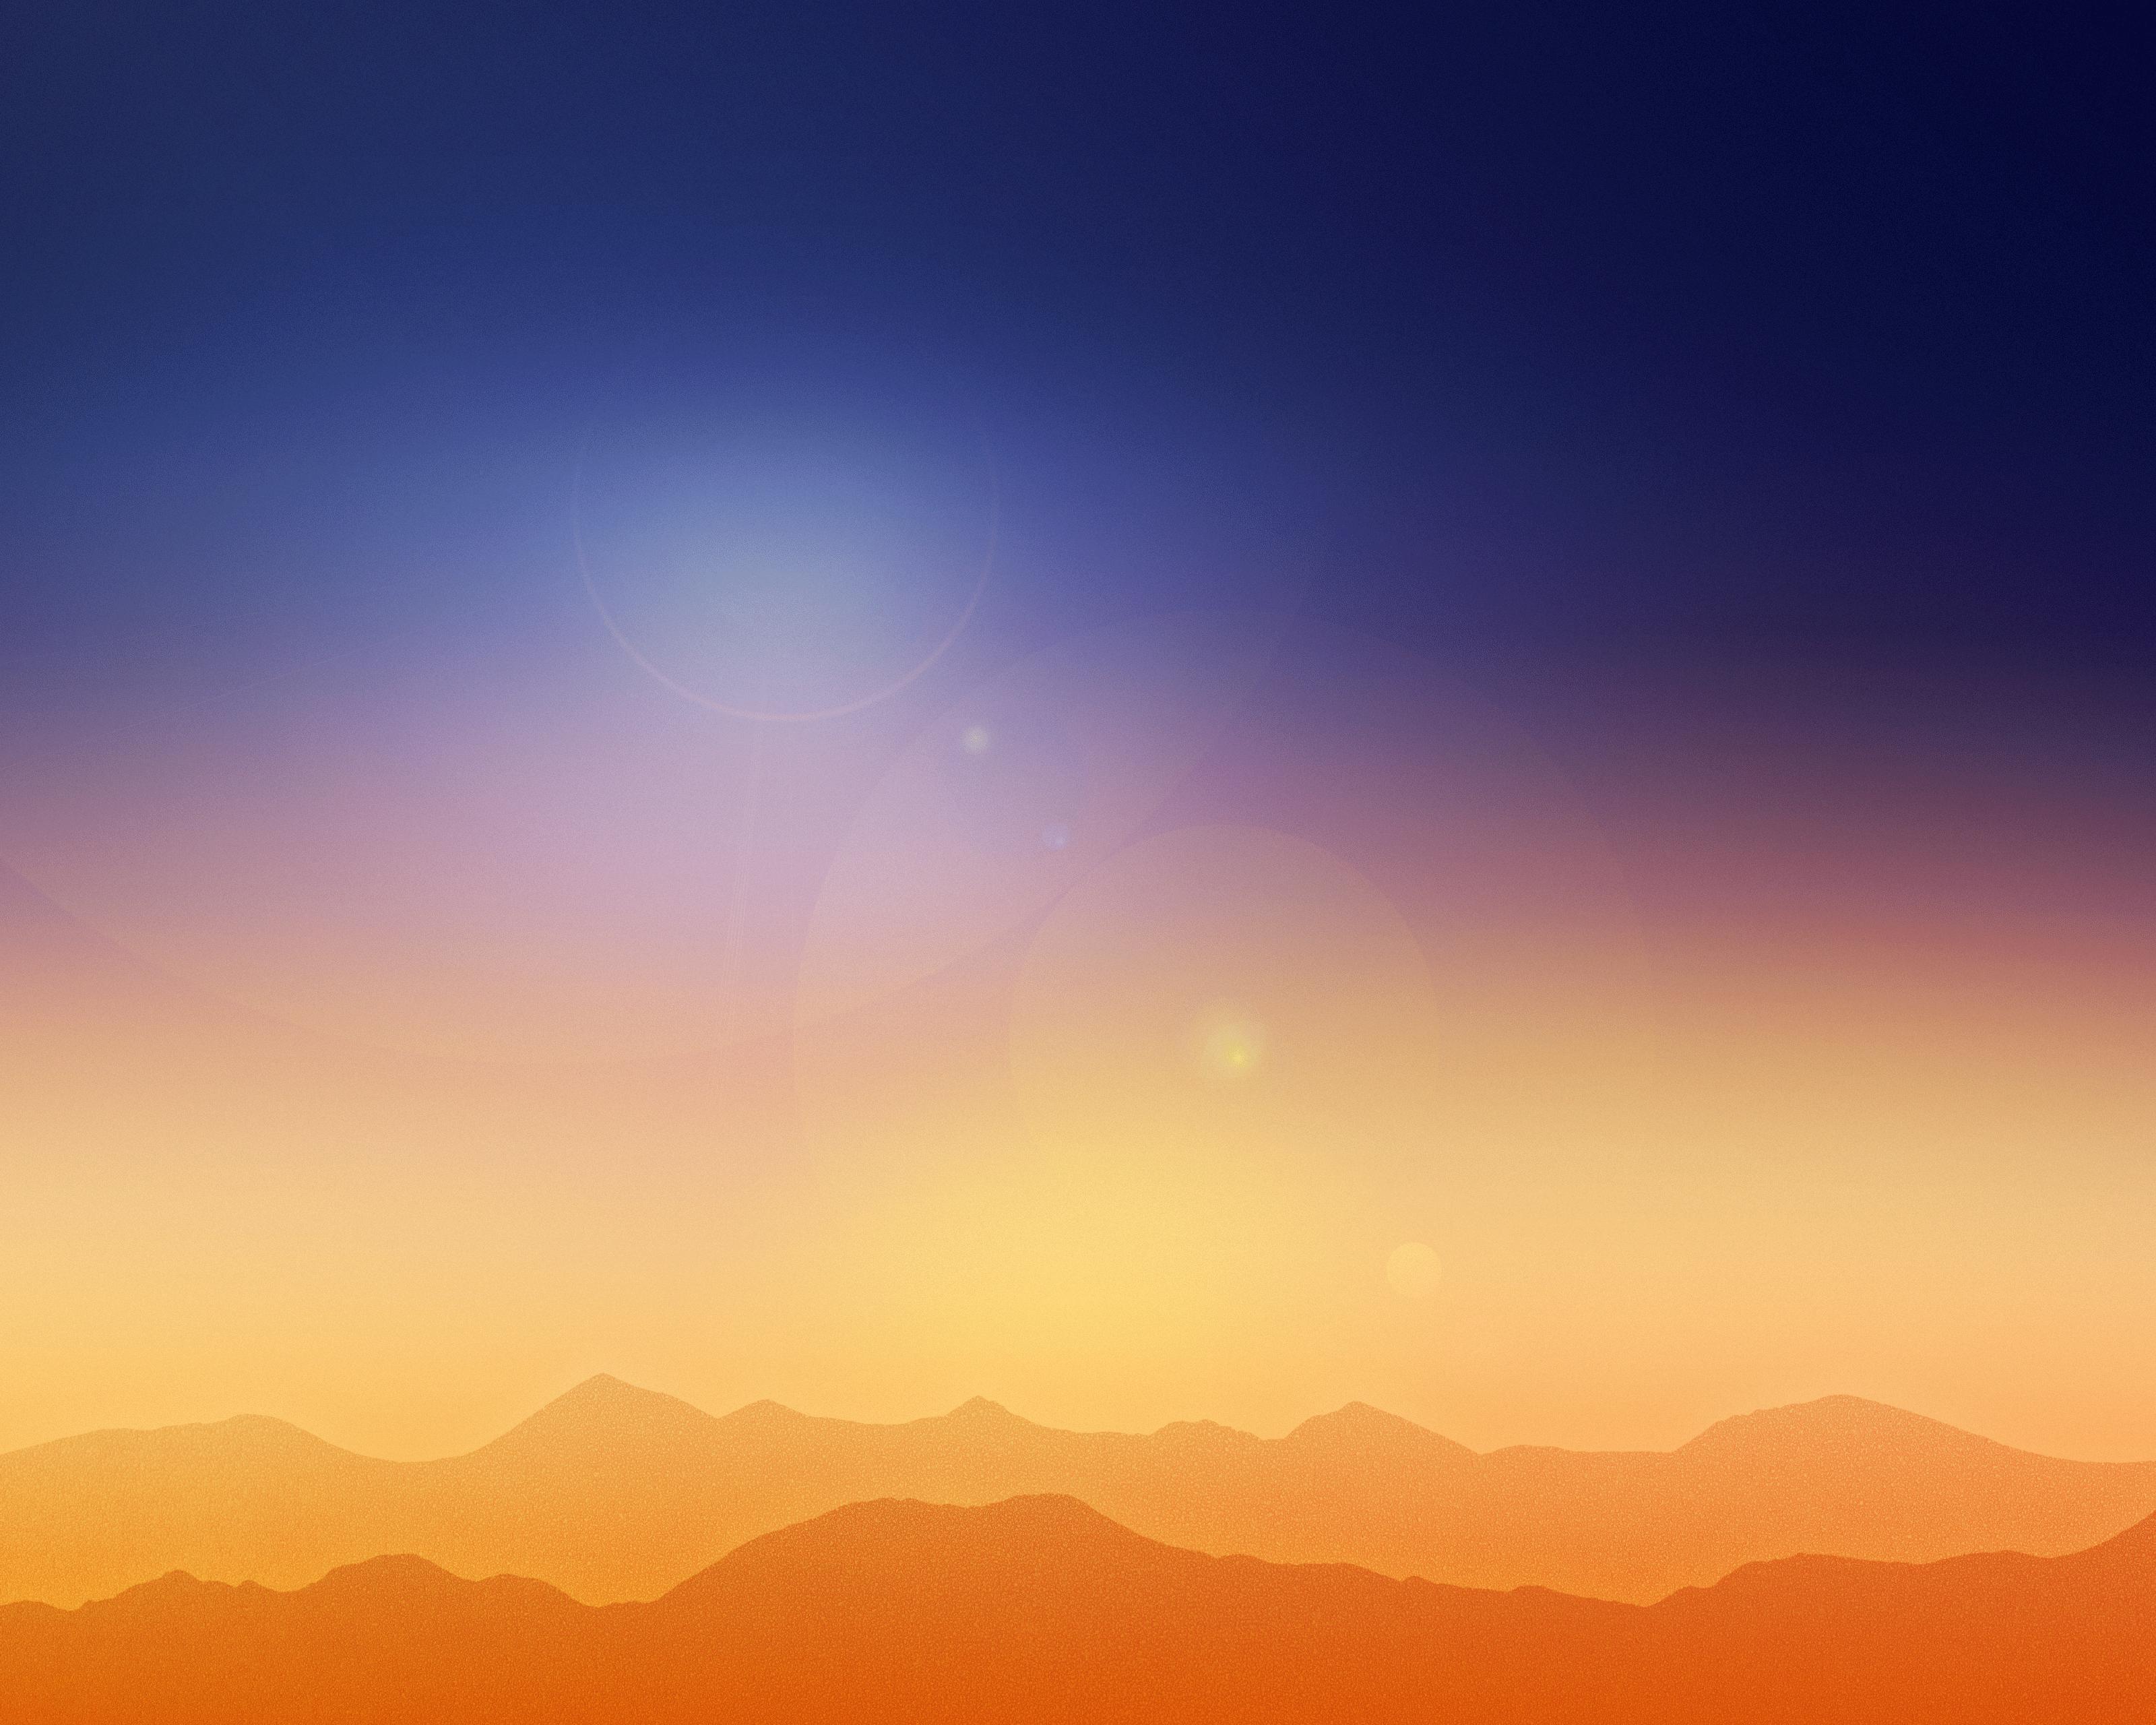 Gra nt glow [ 3200 x 2560 ] WALLPAPERS